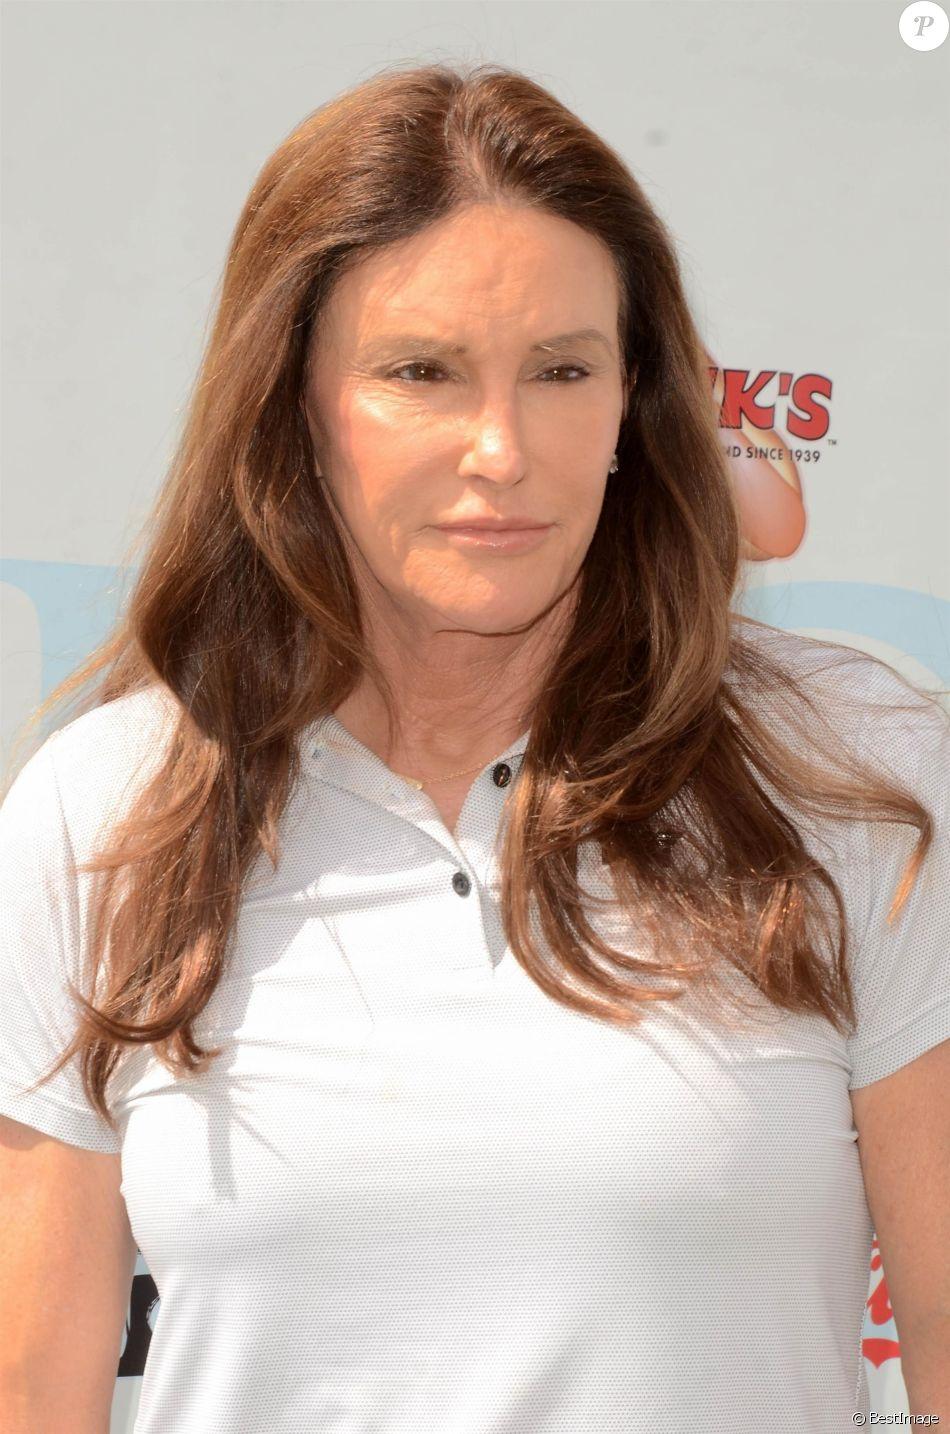 Caitlyn Jenner participe à la compétition de golf organisée par la Fondation George Lopez au Country Club de Burbank le 5 mai 2019.